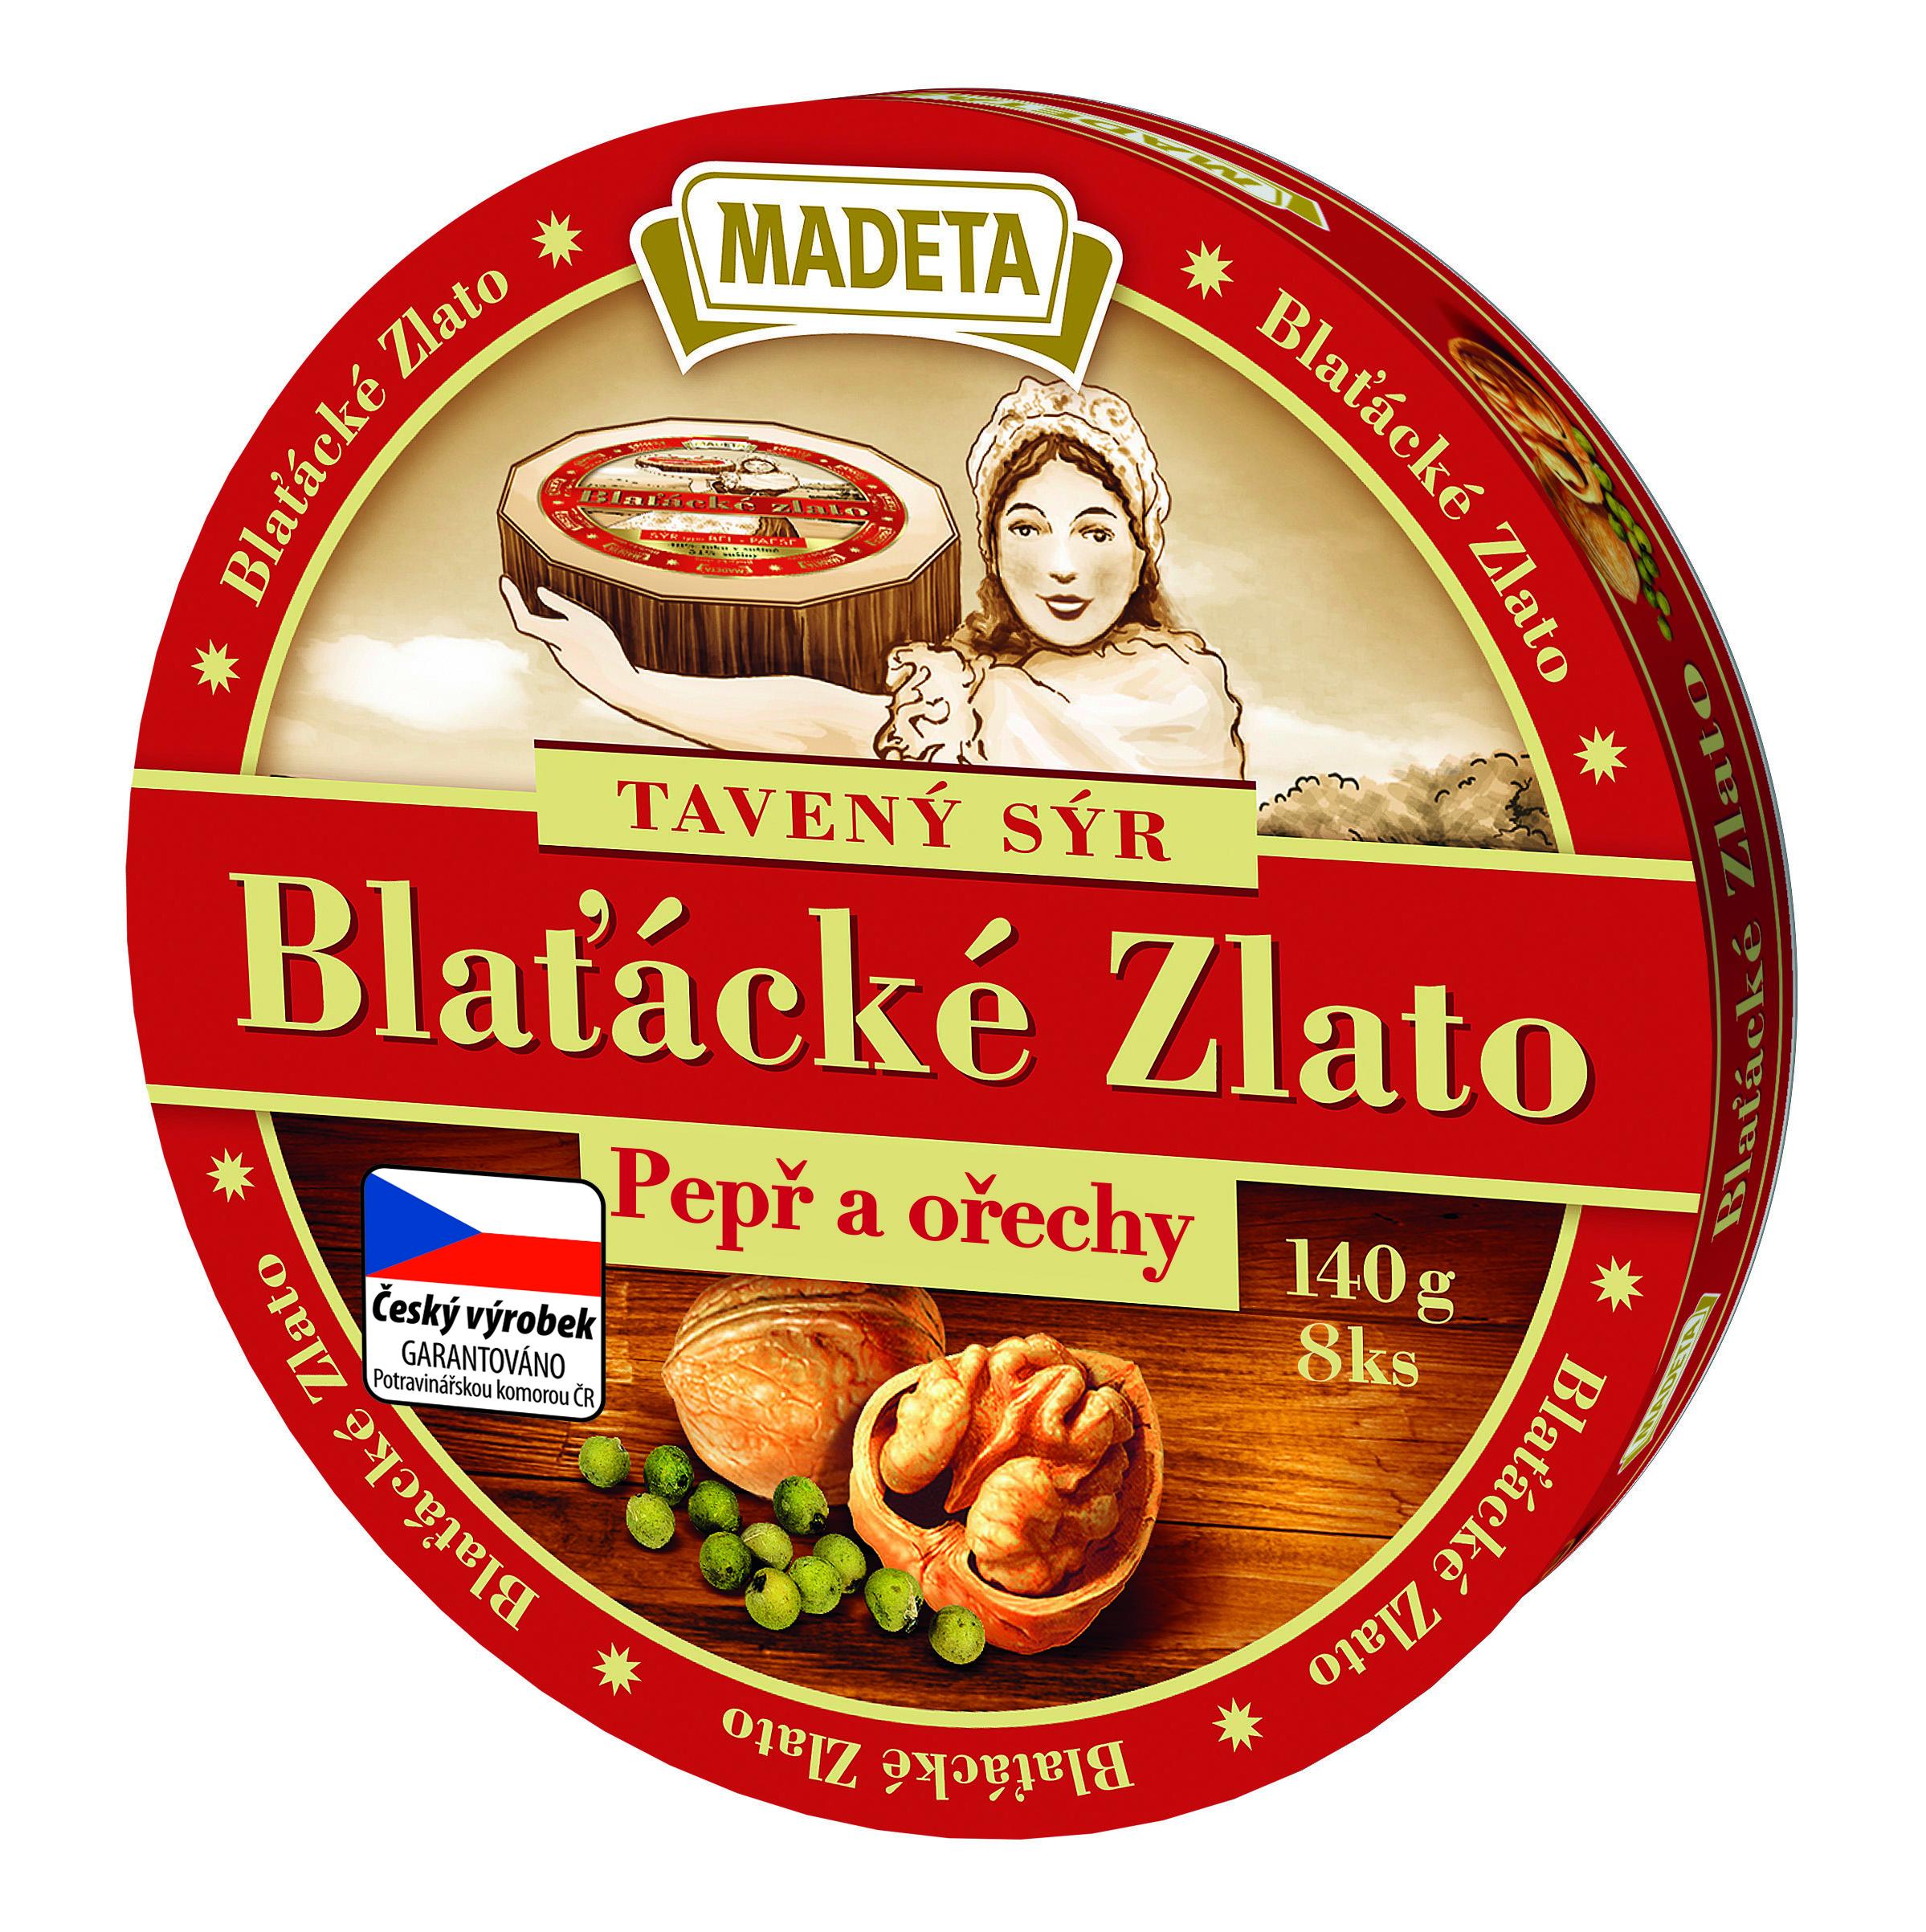 Značka Blatacke zlato tavený sýr 140 g